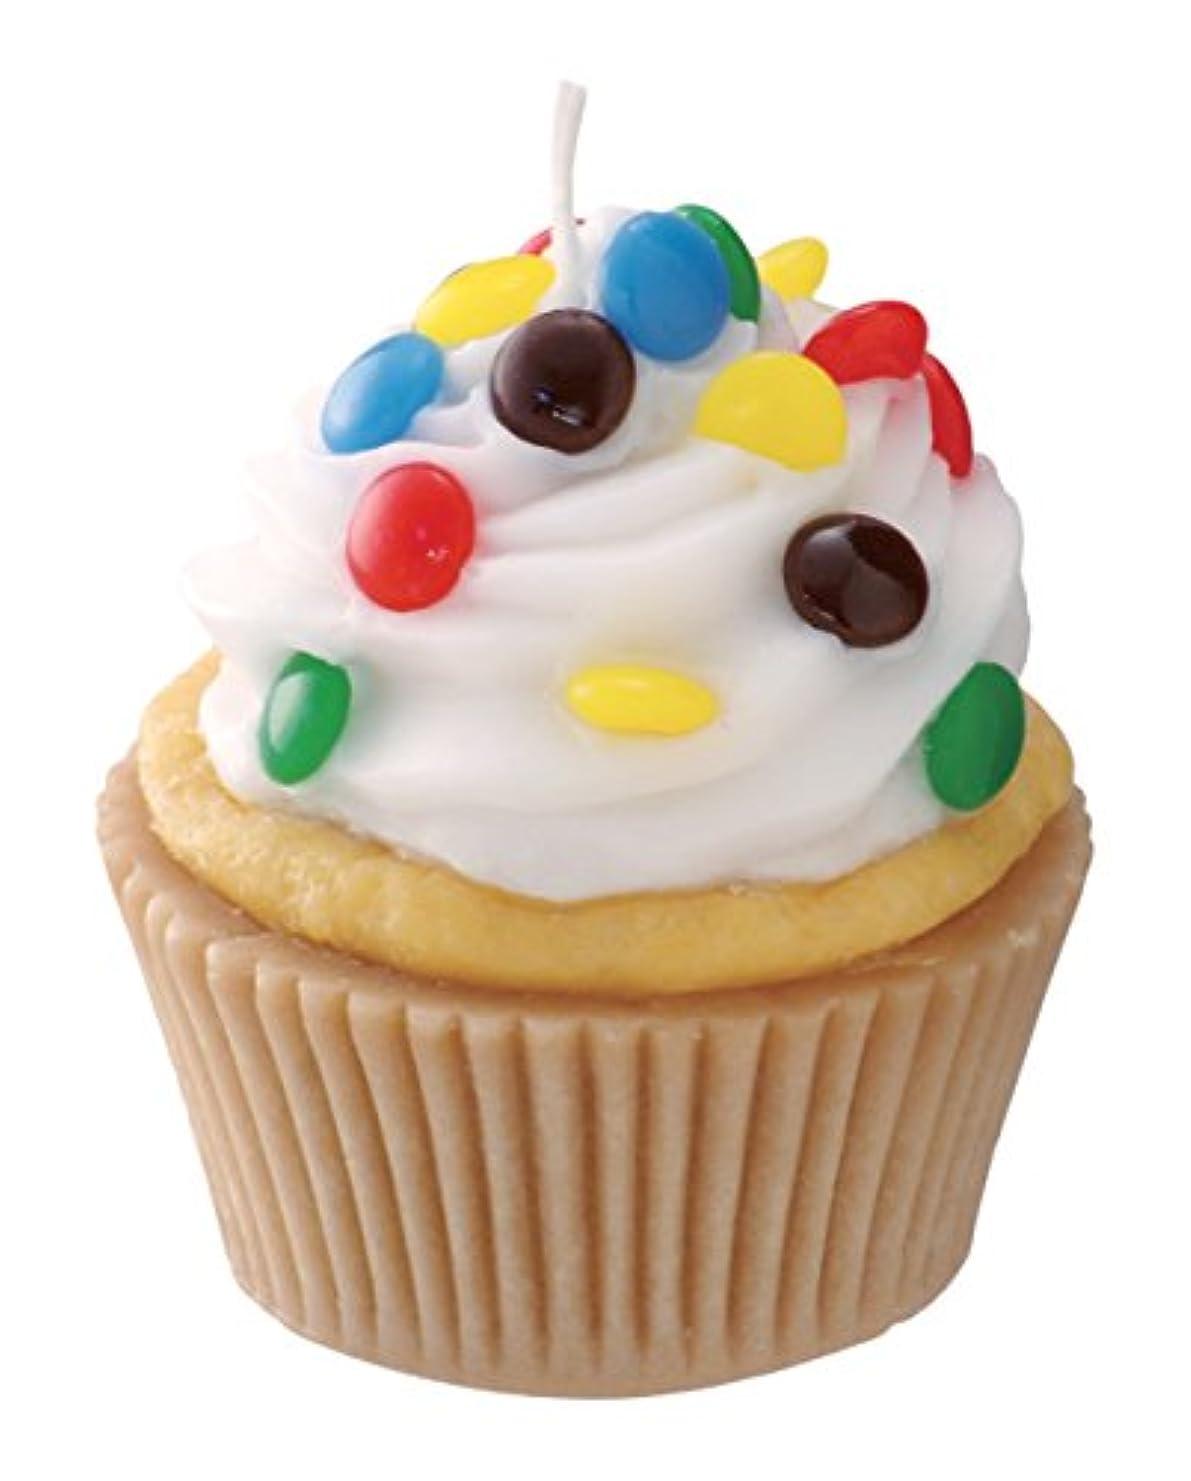 作家ドール配置カメヤマキャンドルハウス 本物そっくり! アメリカンカップケーキキャンドル ホワイトクリーム チョコレートの香り